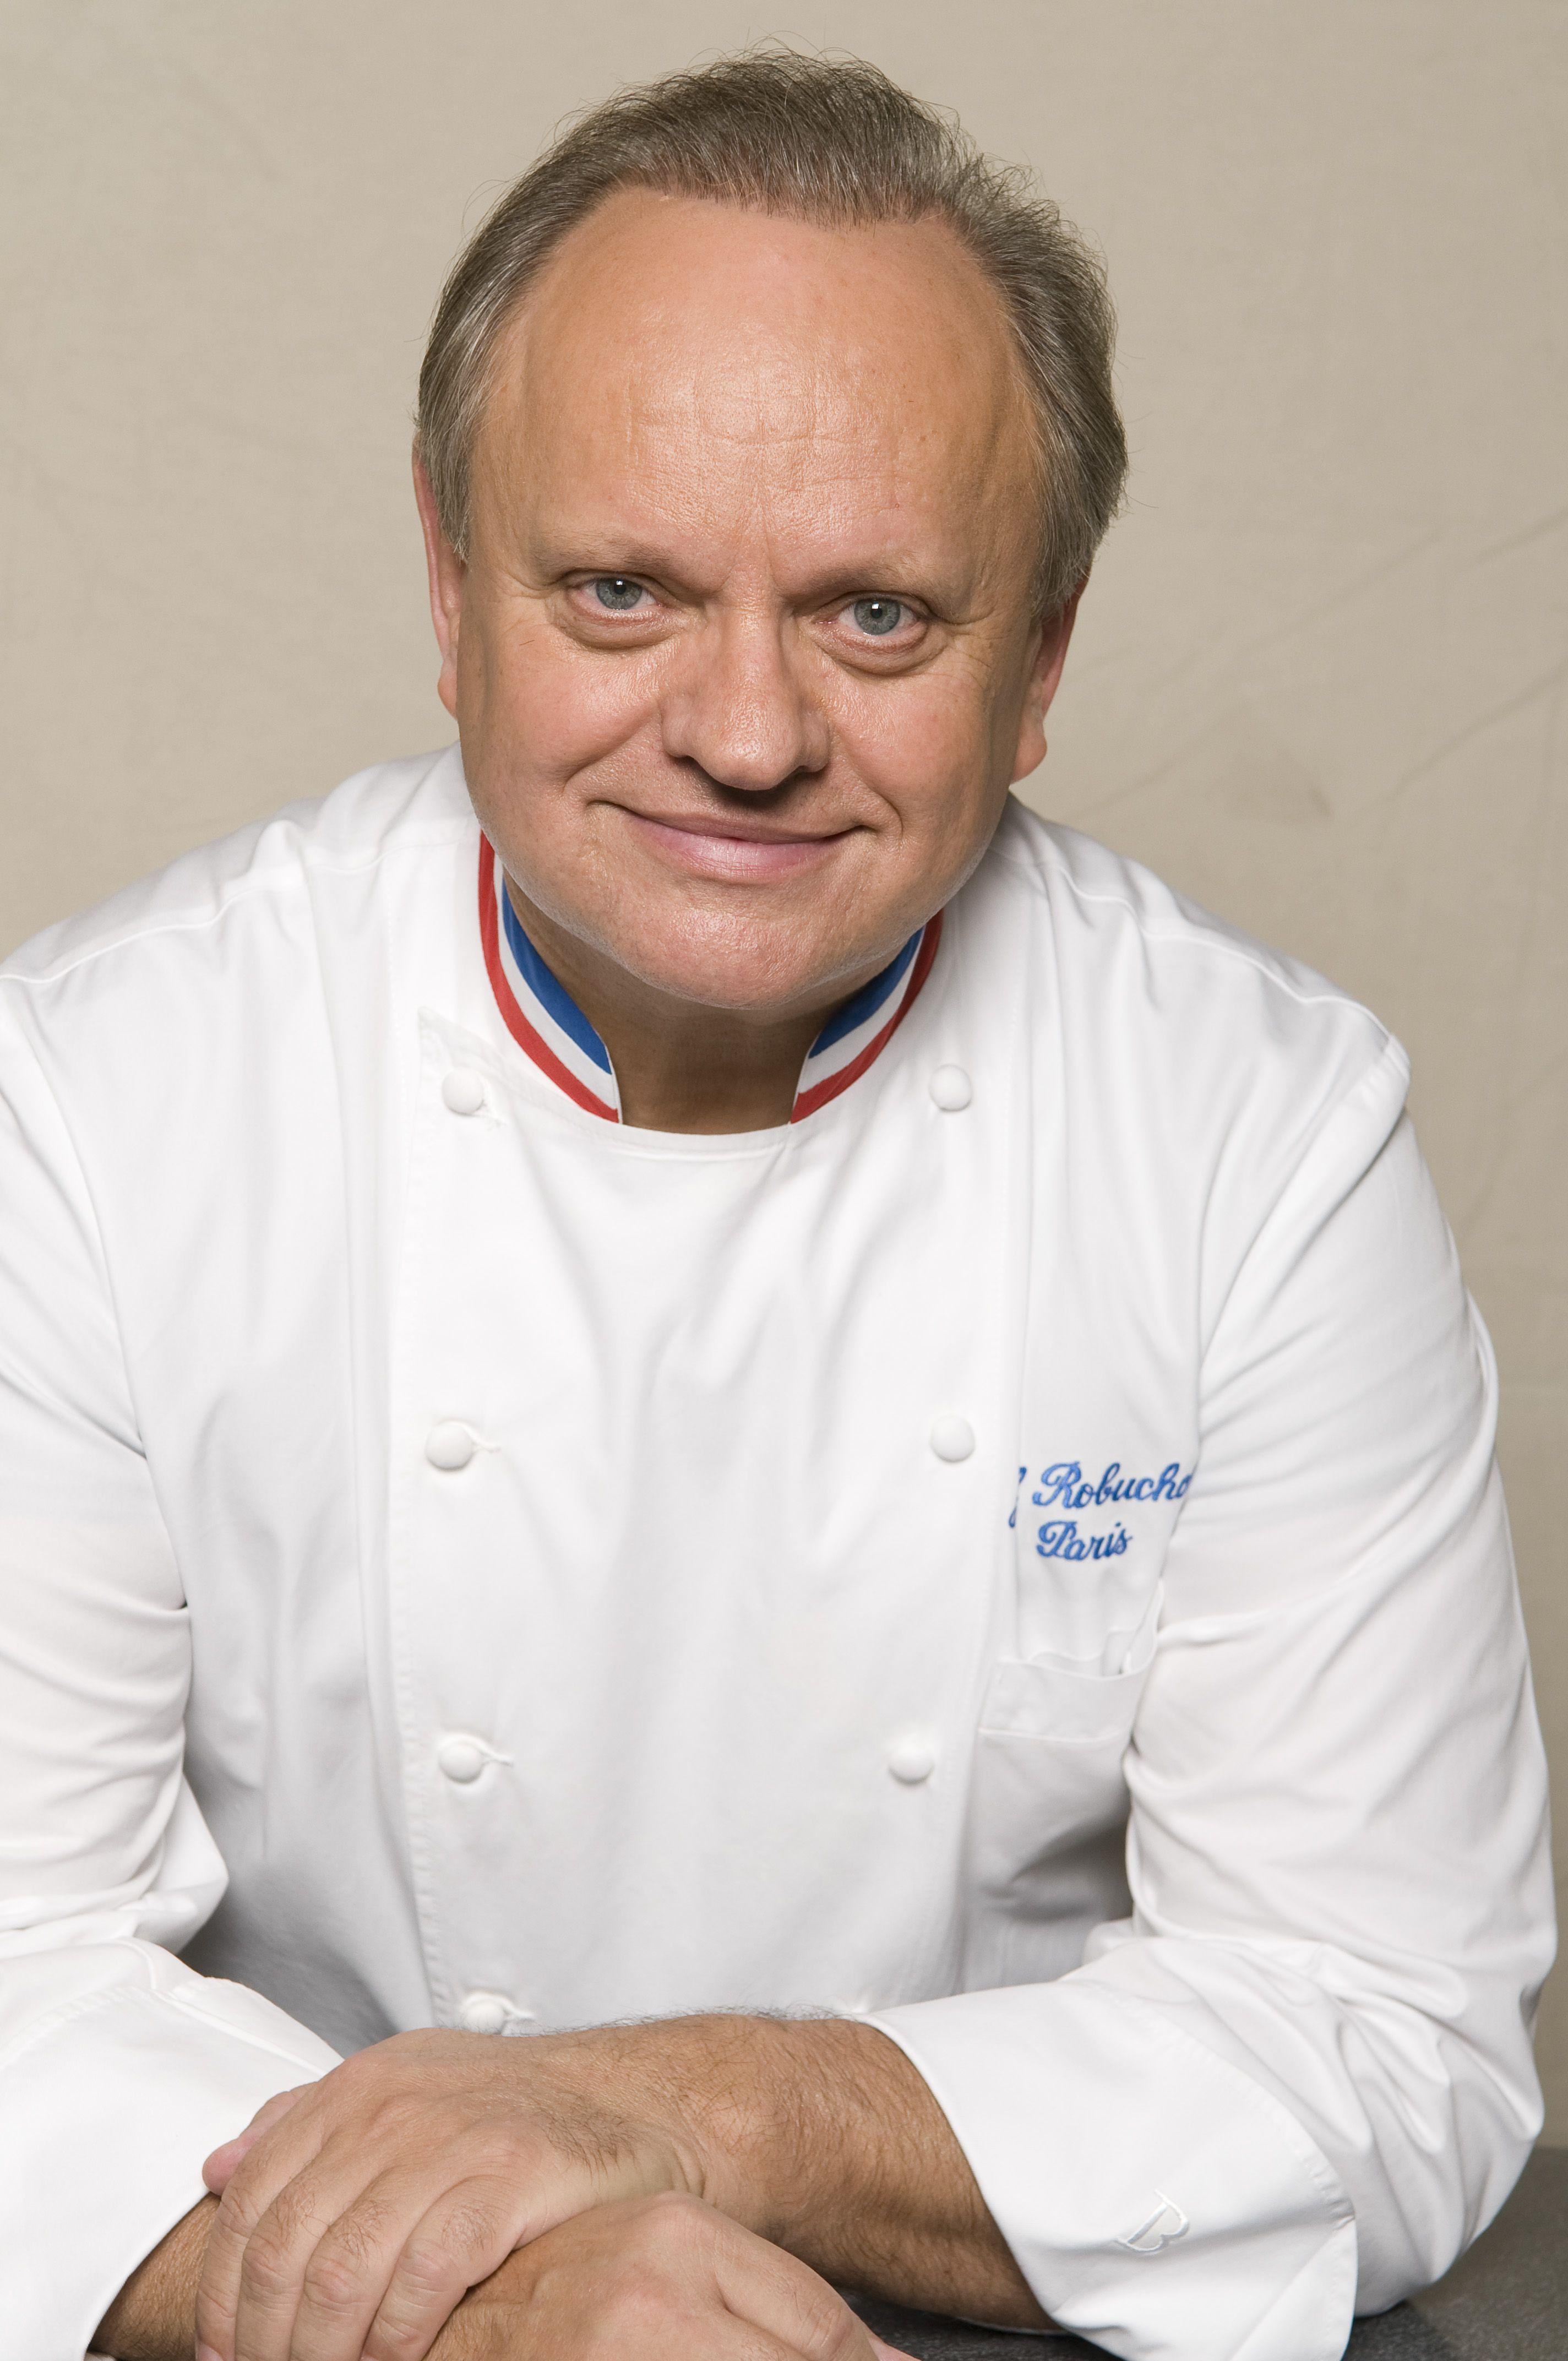 Joël Robuchon Le Chef Le Plus étoilé Du Monde Nommé